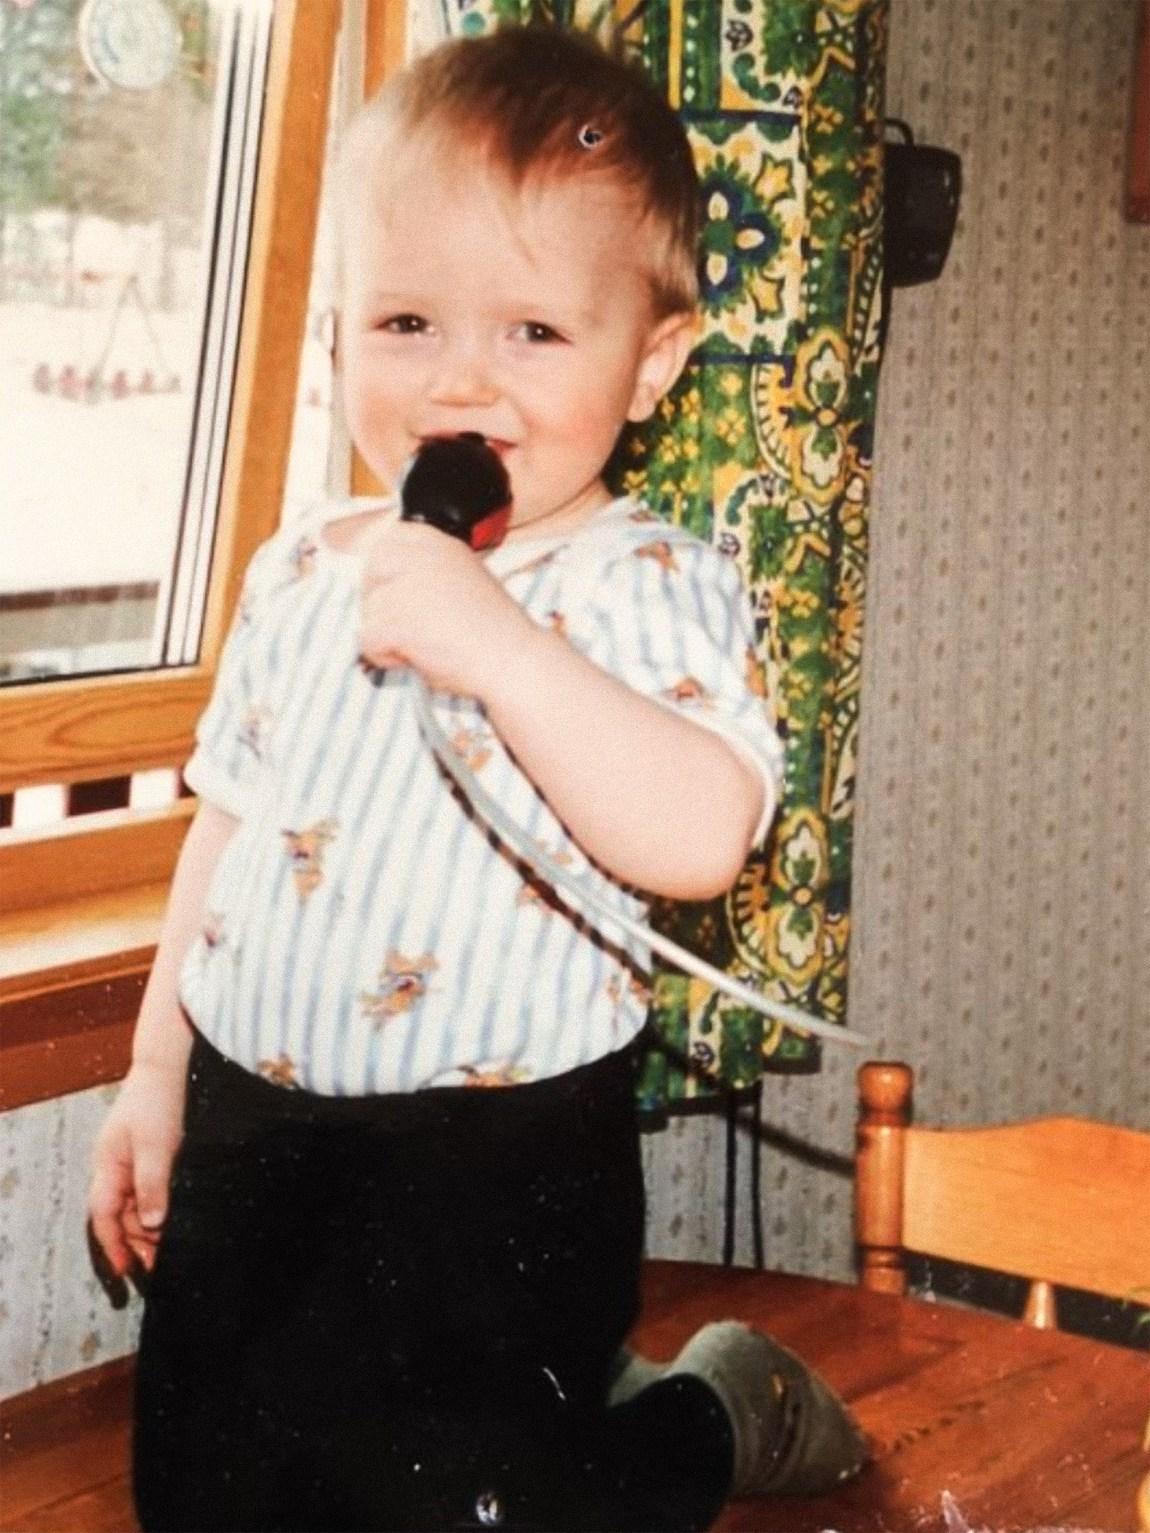 Et bilde av Simon som lite barn. Han er på toppen av det som ser ut som et kjøkkenbord, med en mikrofon i hånda